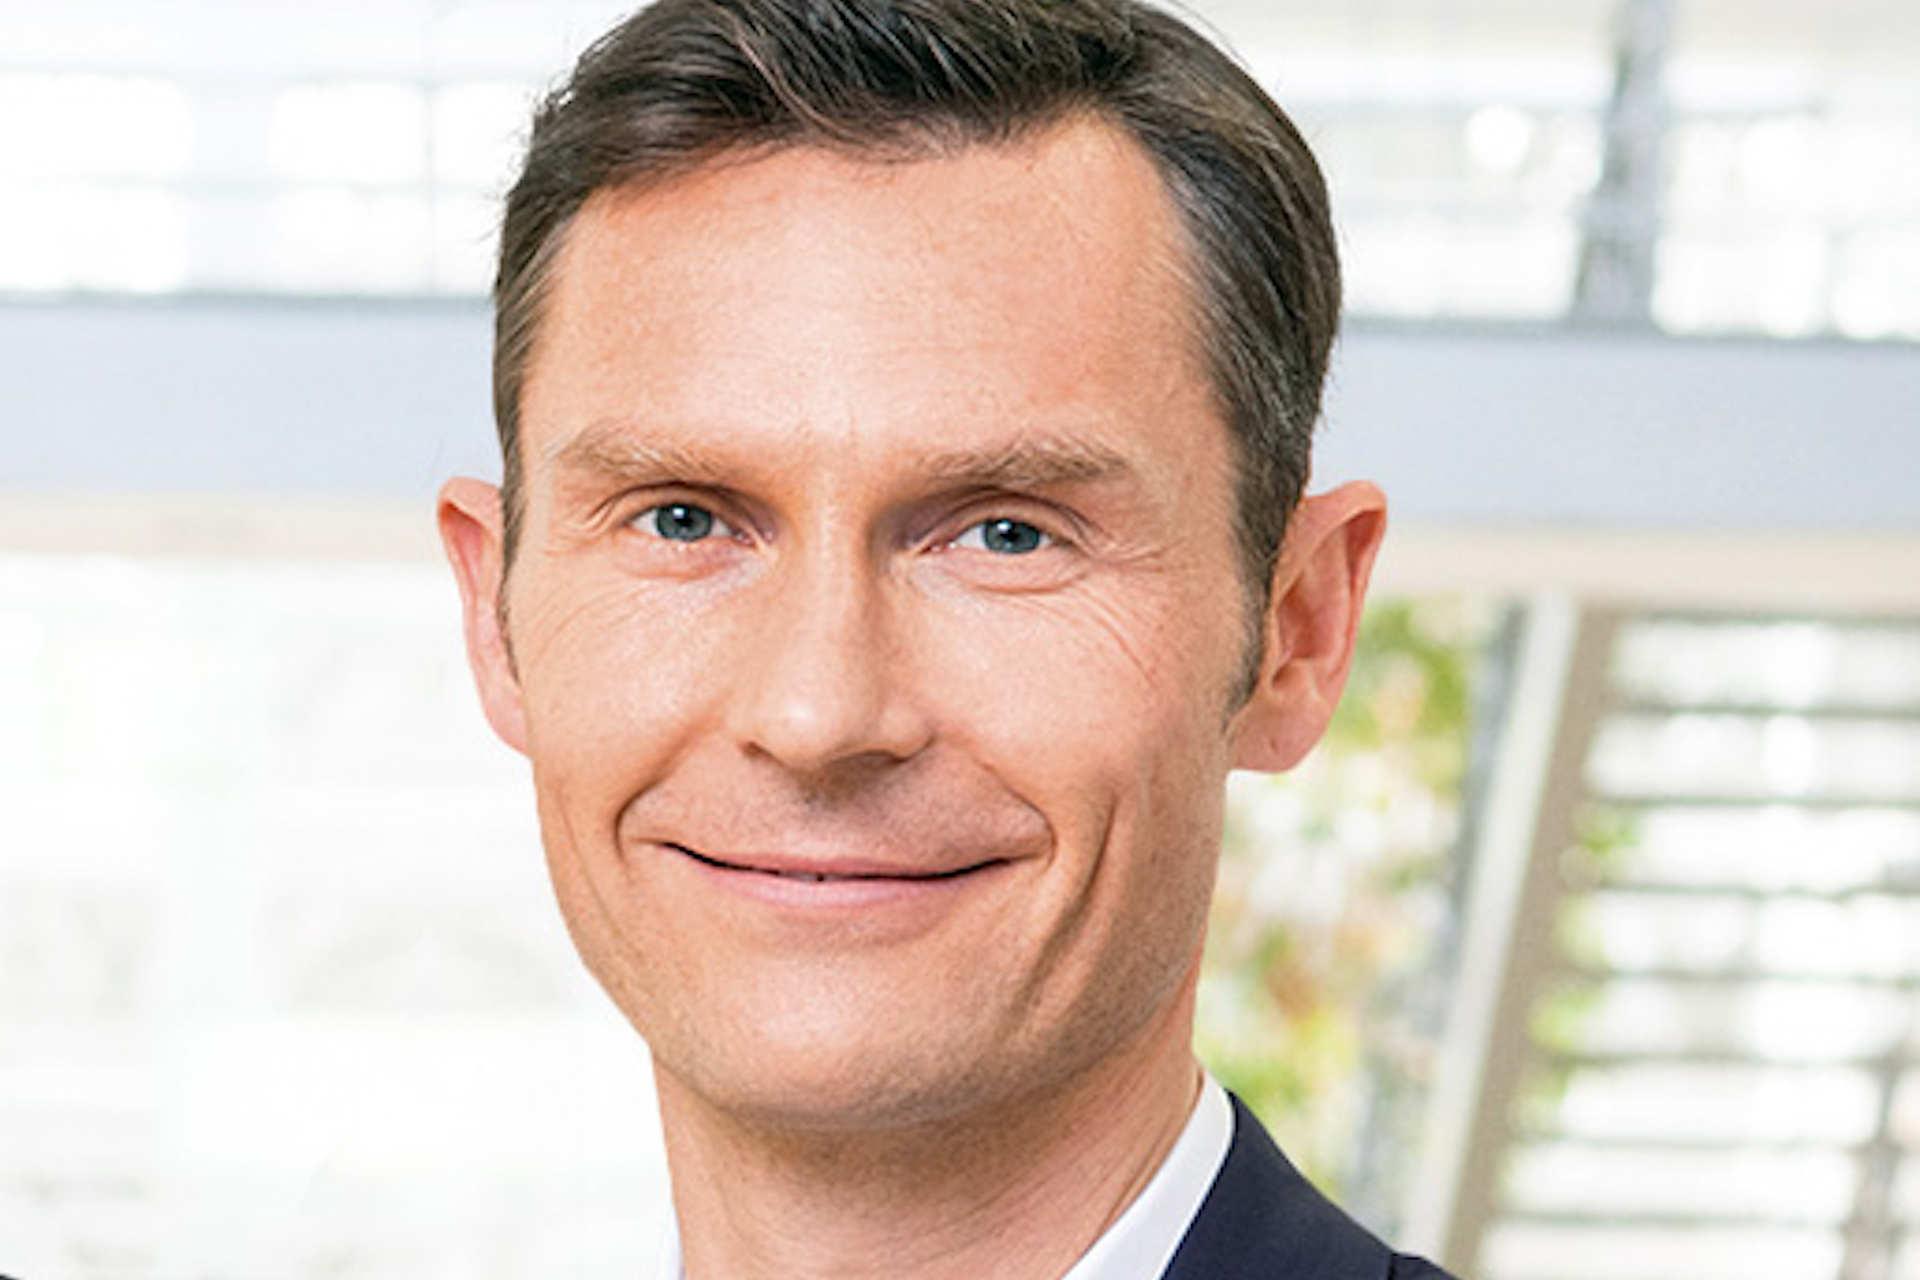 TOM TAILOR: Dr. Schäfer und Dressendörfer vor dem Absprung